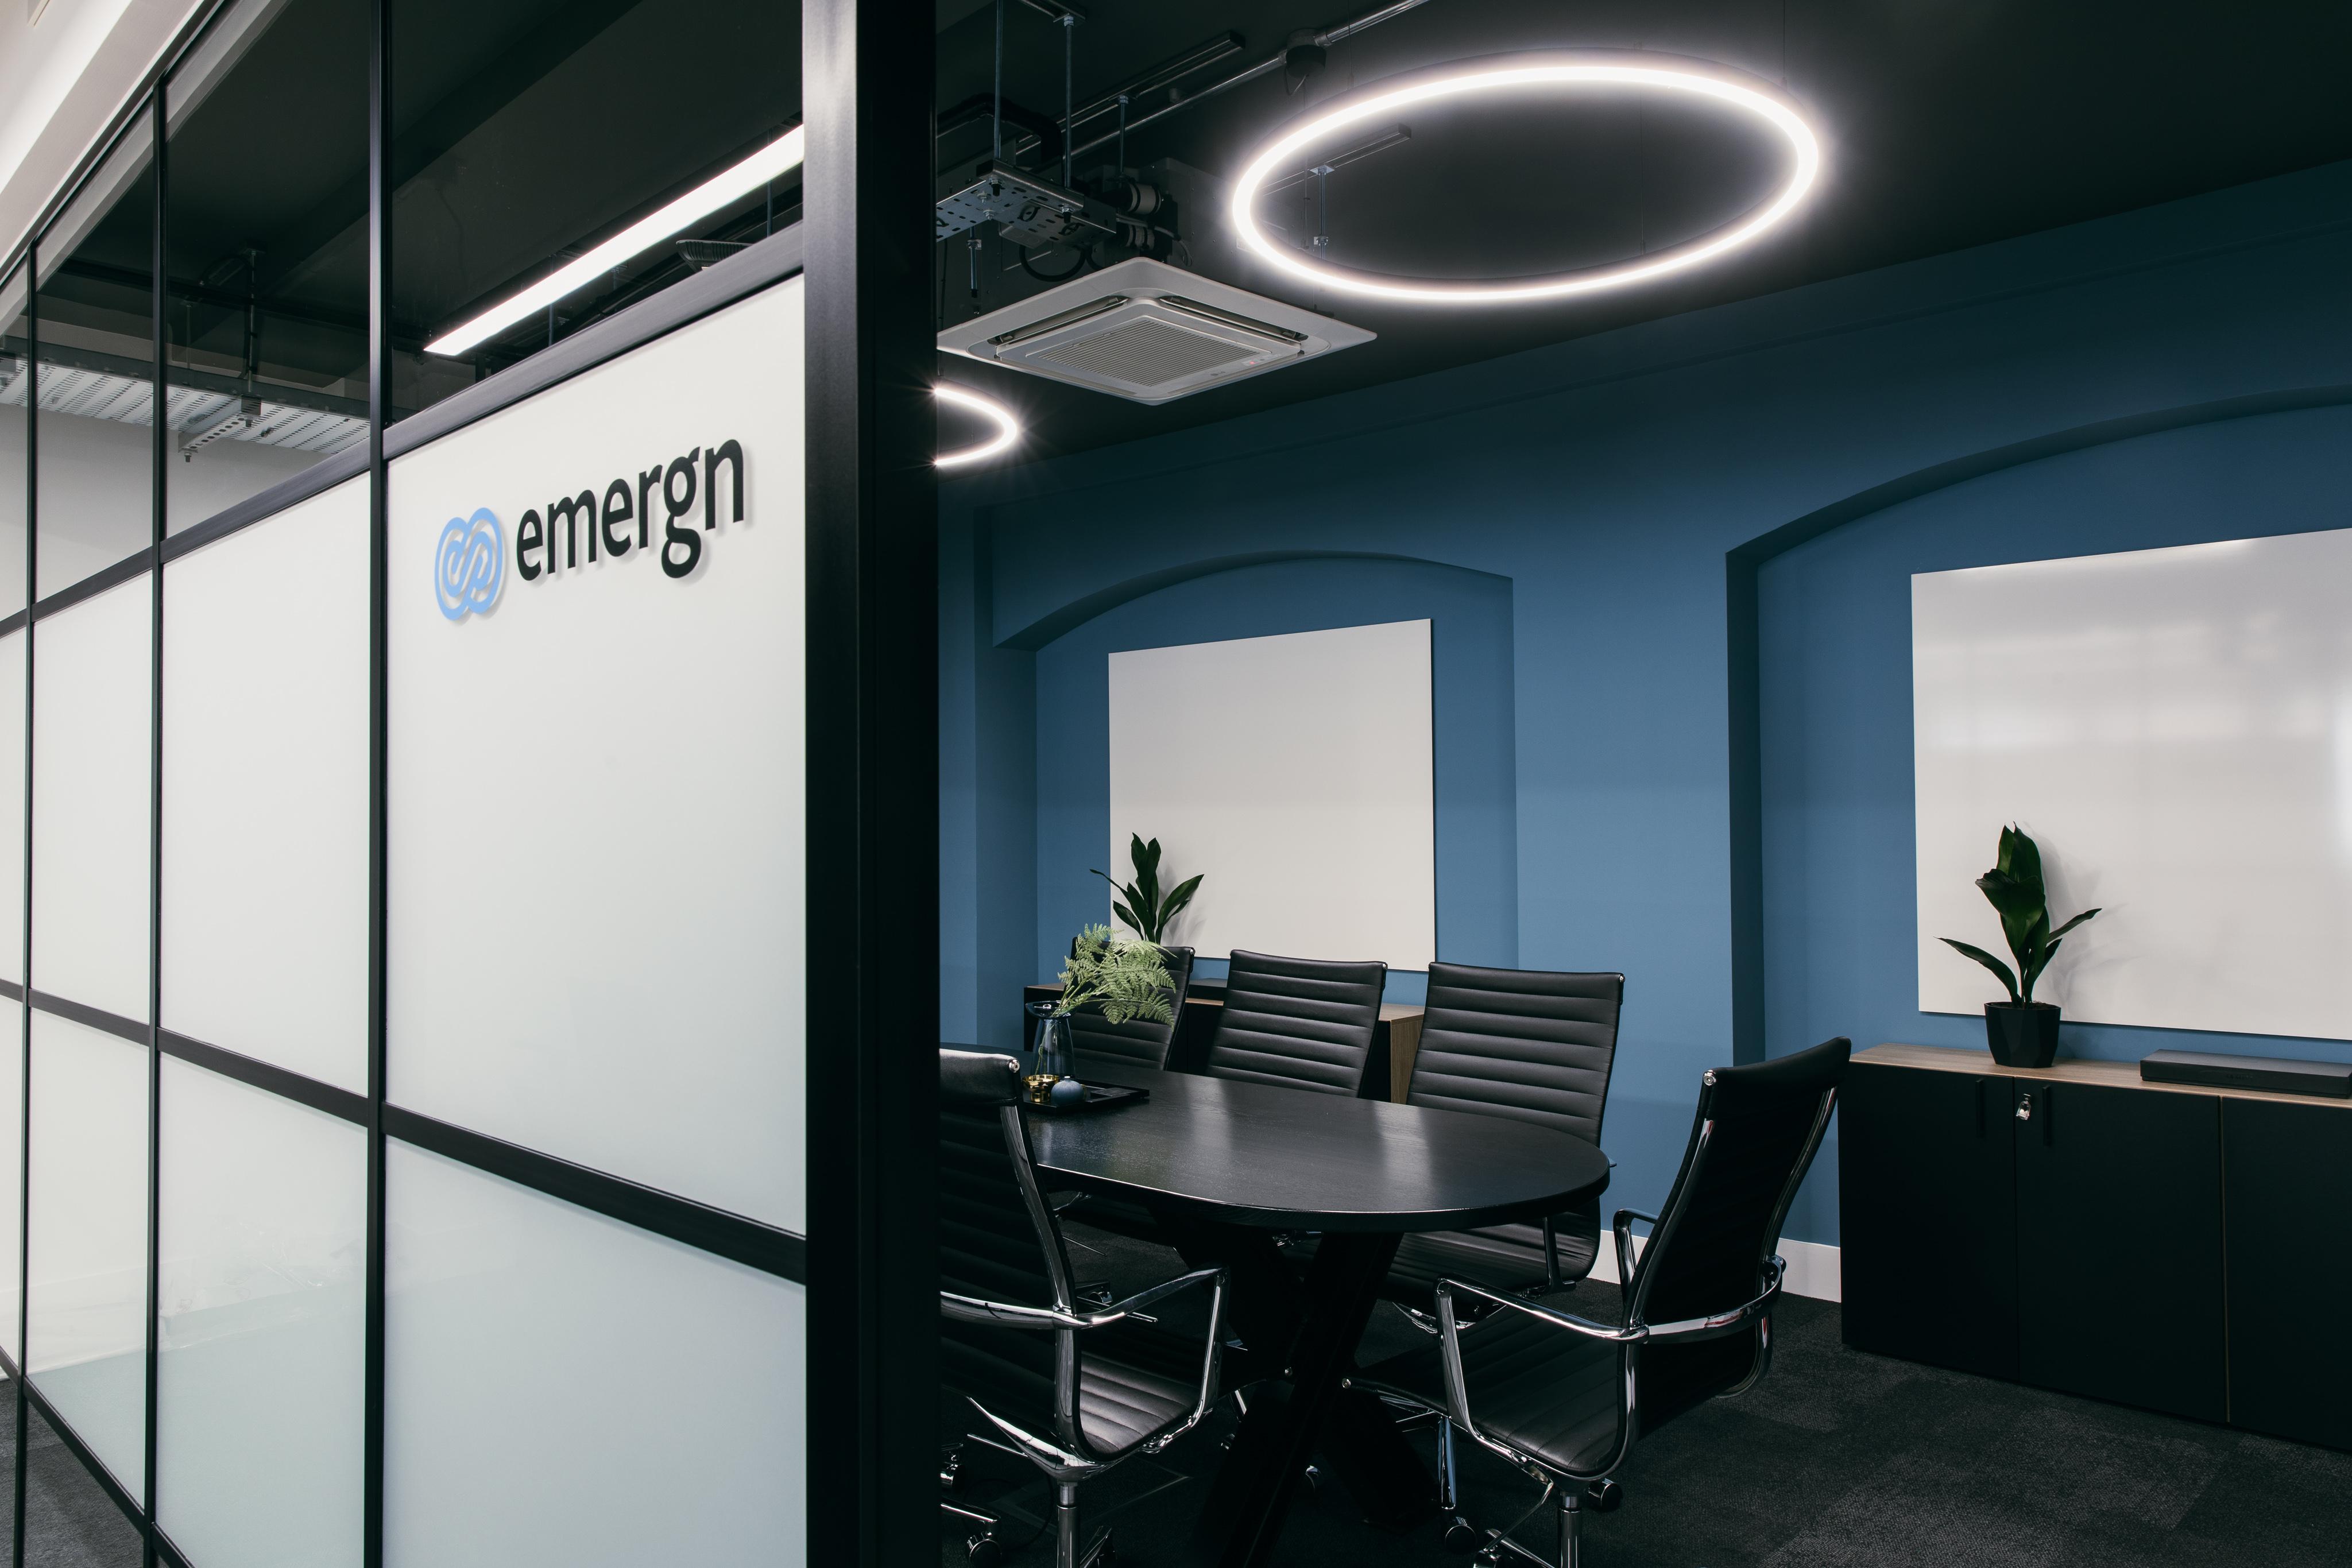 Emergn - [ IMG_2846 ]